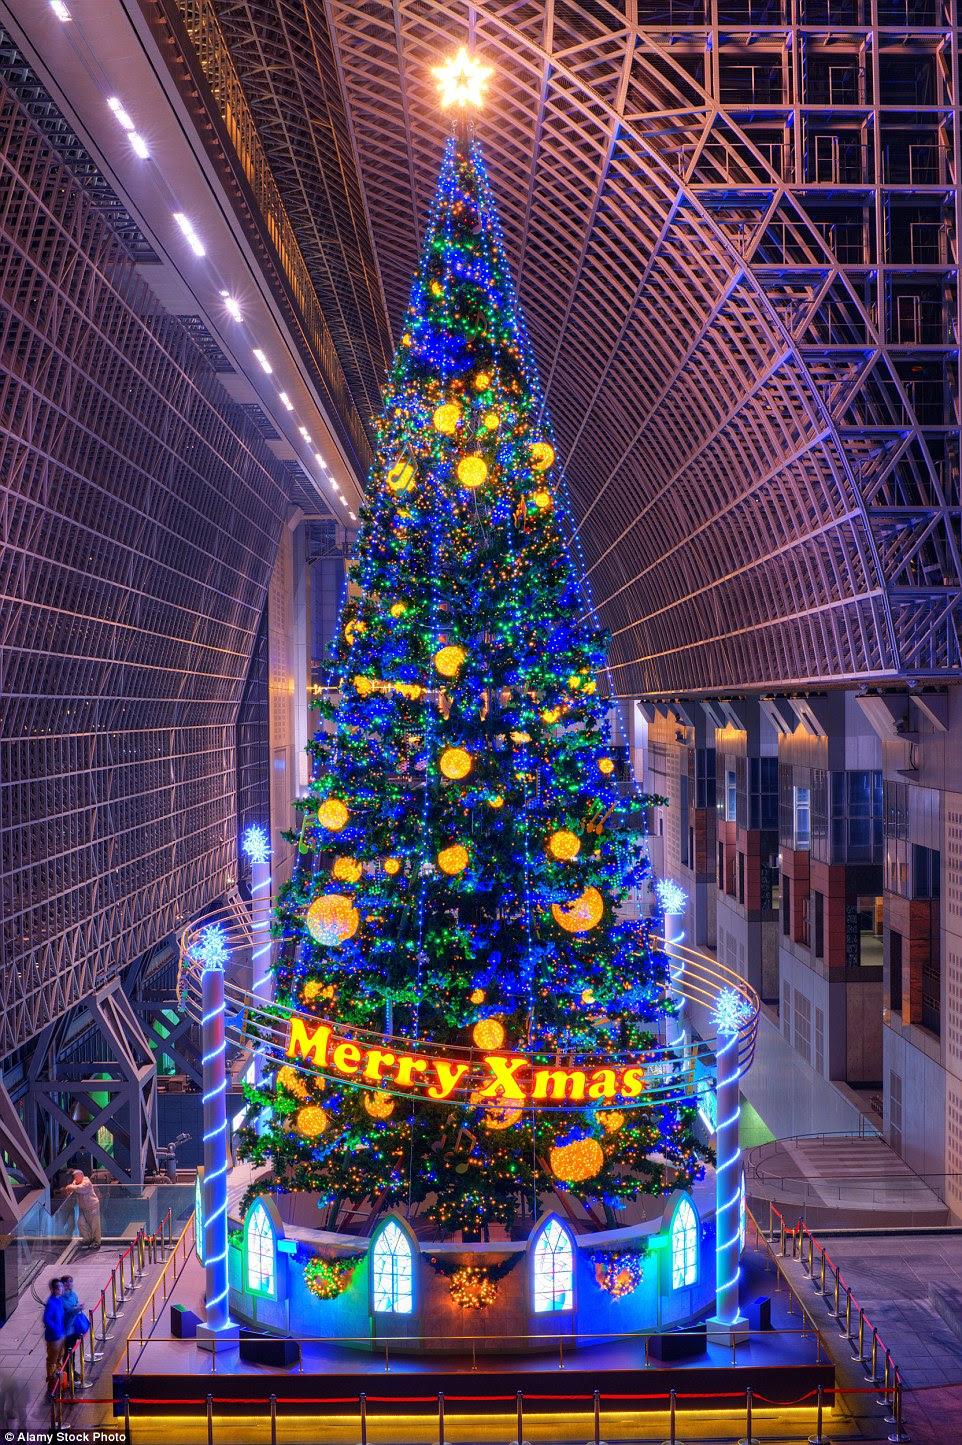 Estação de Kyoto no Japão se referem à sua decoração festiva como 'representante' do edifício, tal como está firmemente que guarda a entrada a cada dezembro